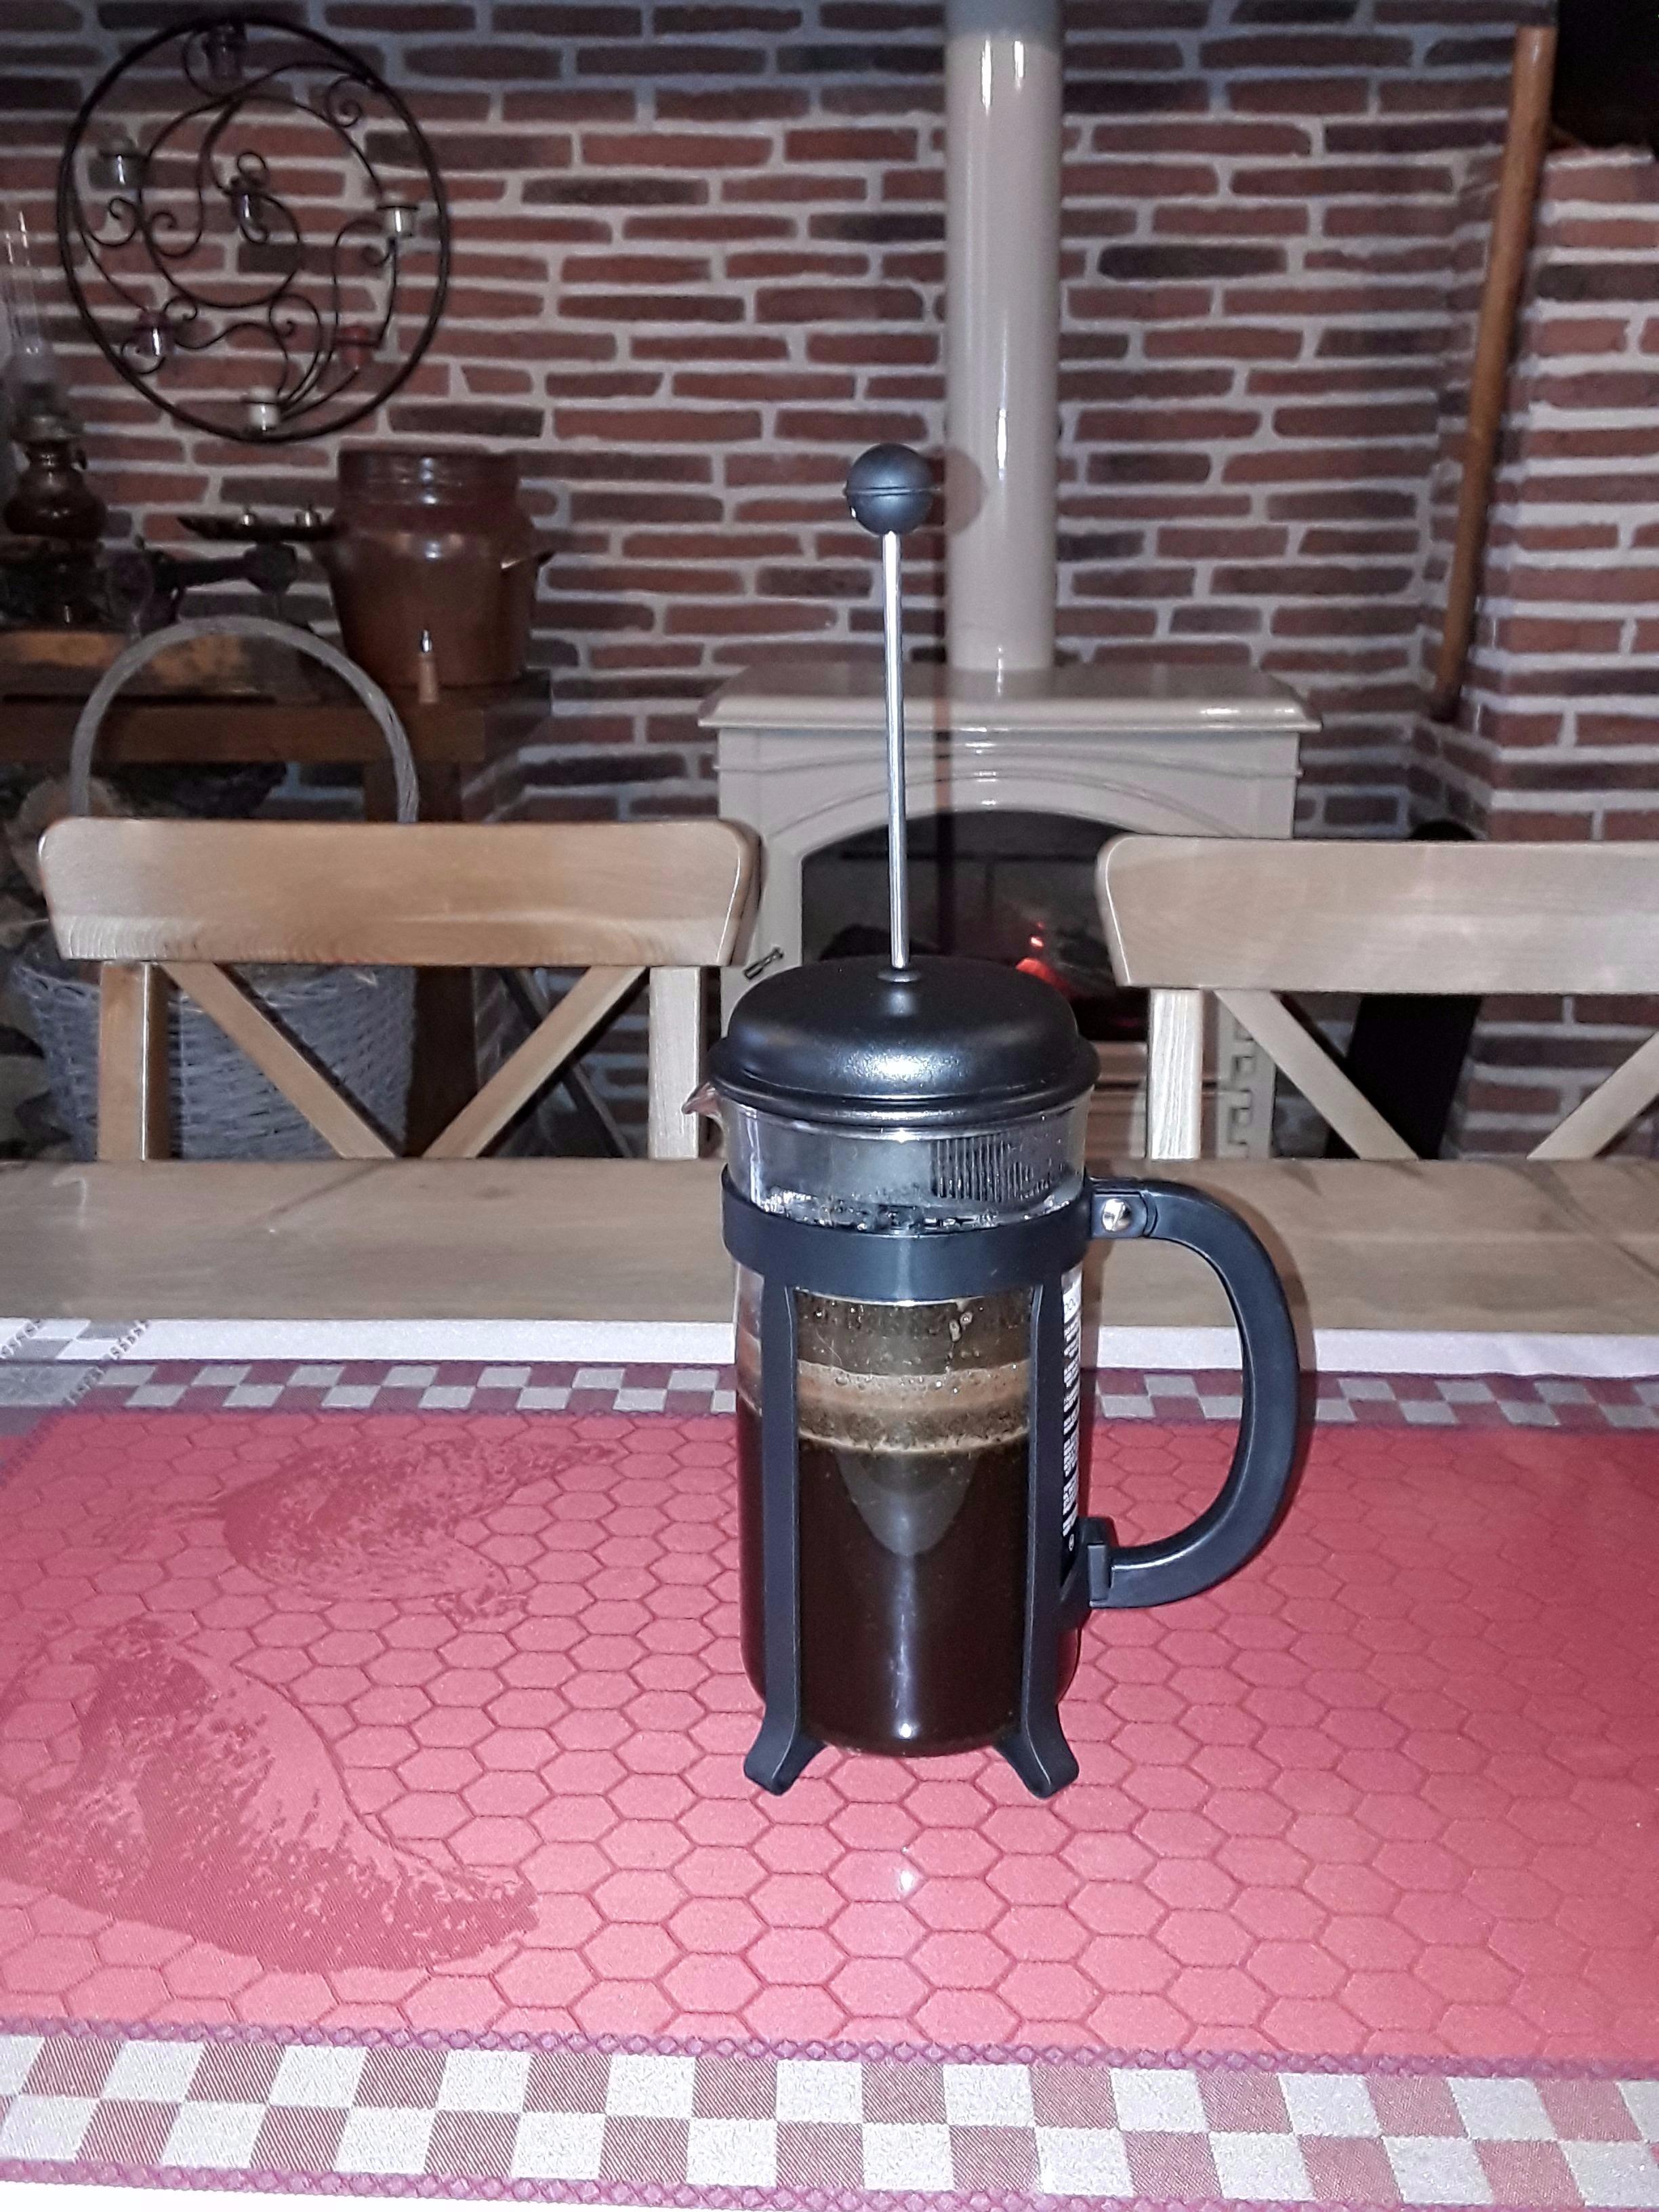 J'ai testé pour vous le coffret cafetière piston 8 tasses et un travel mug isotherme